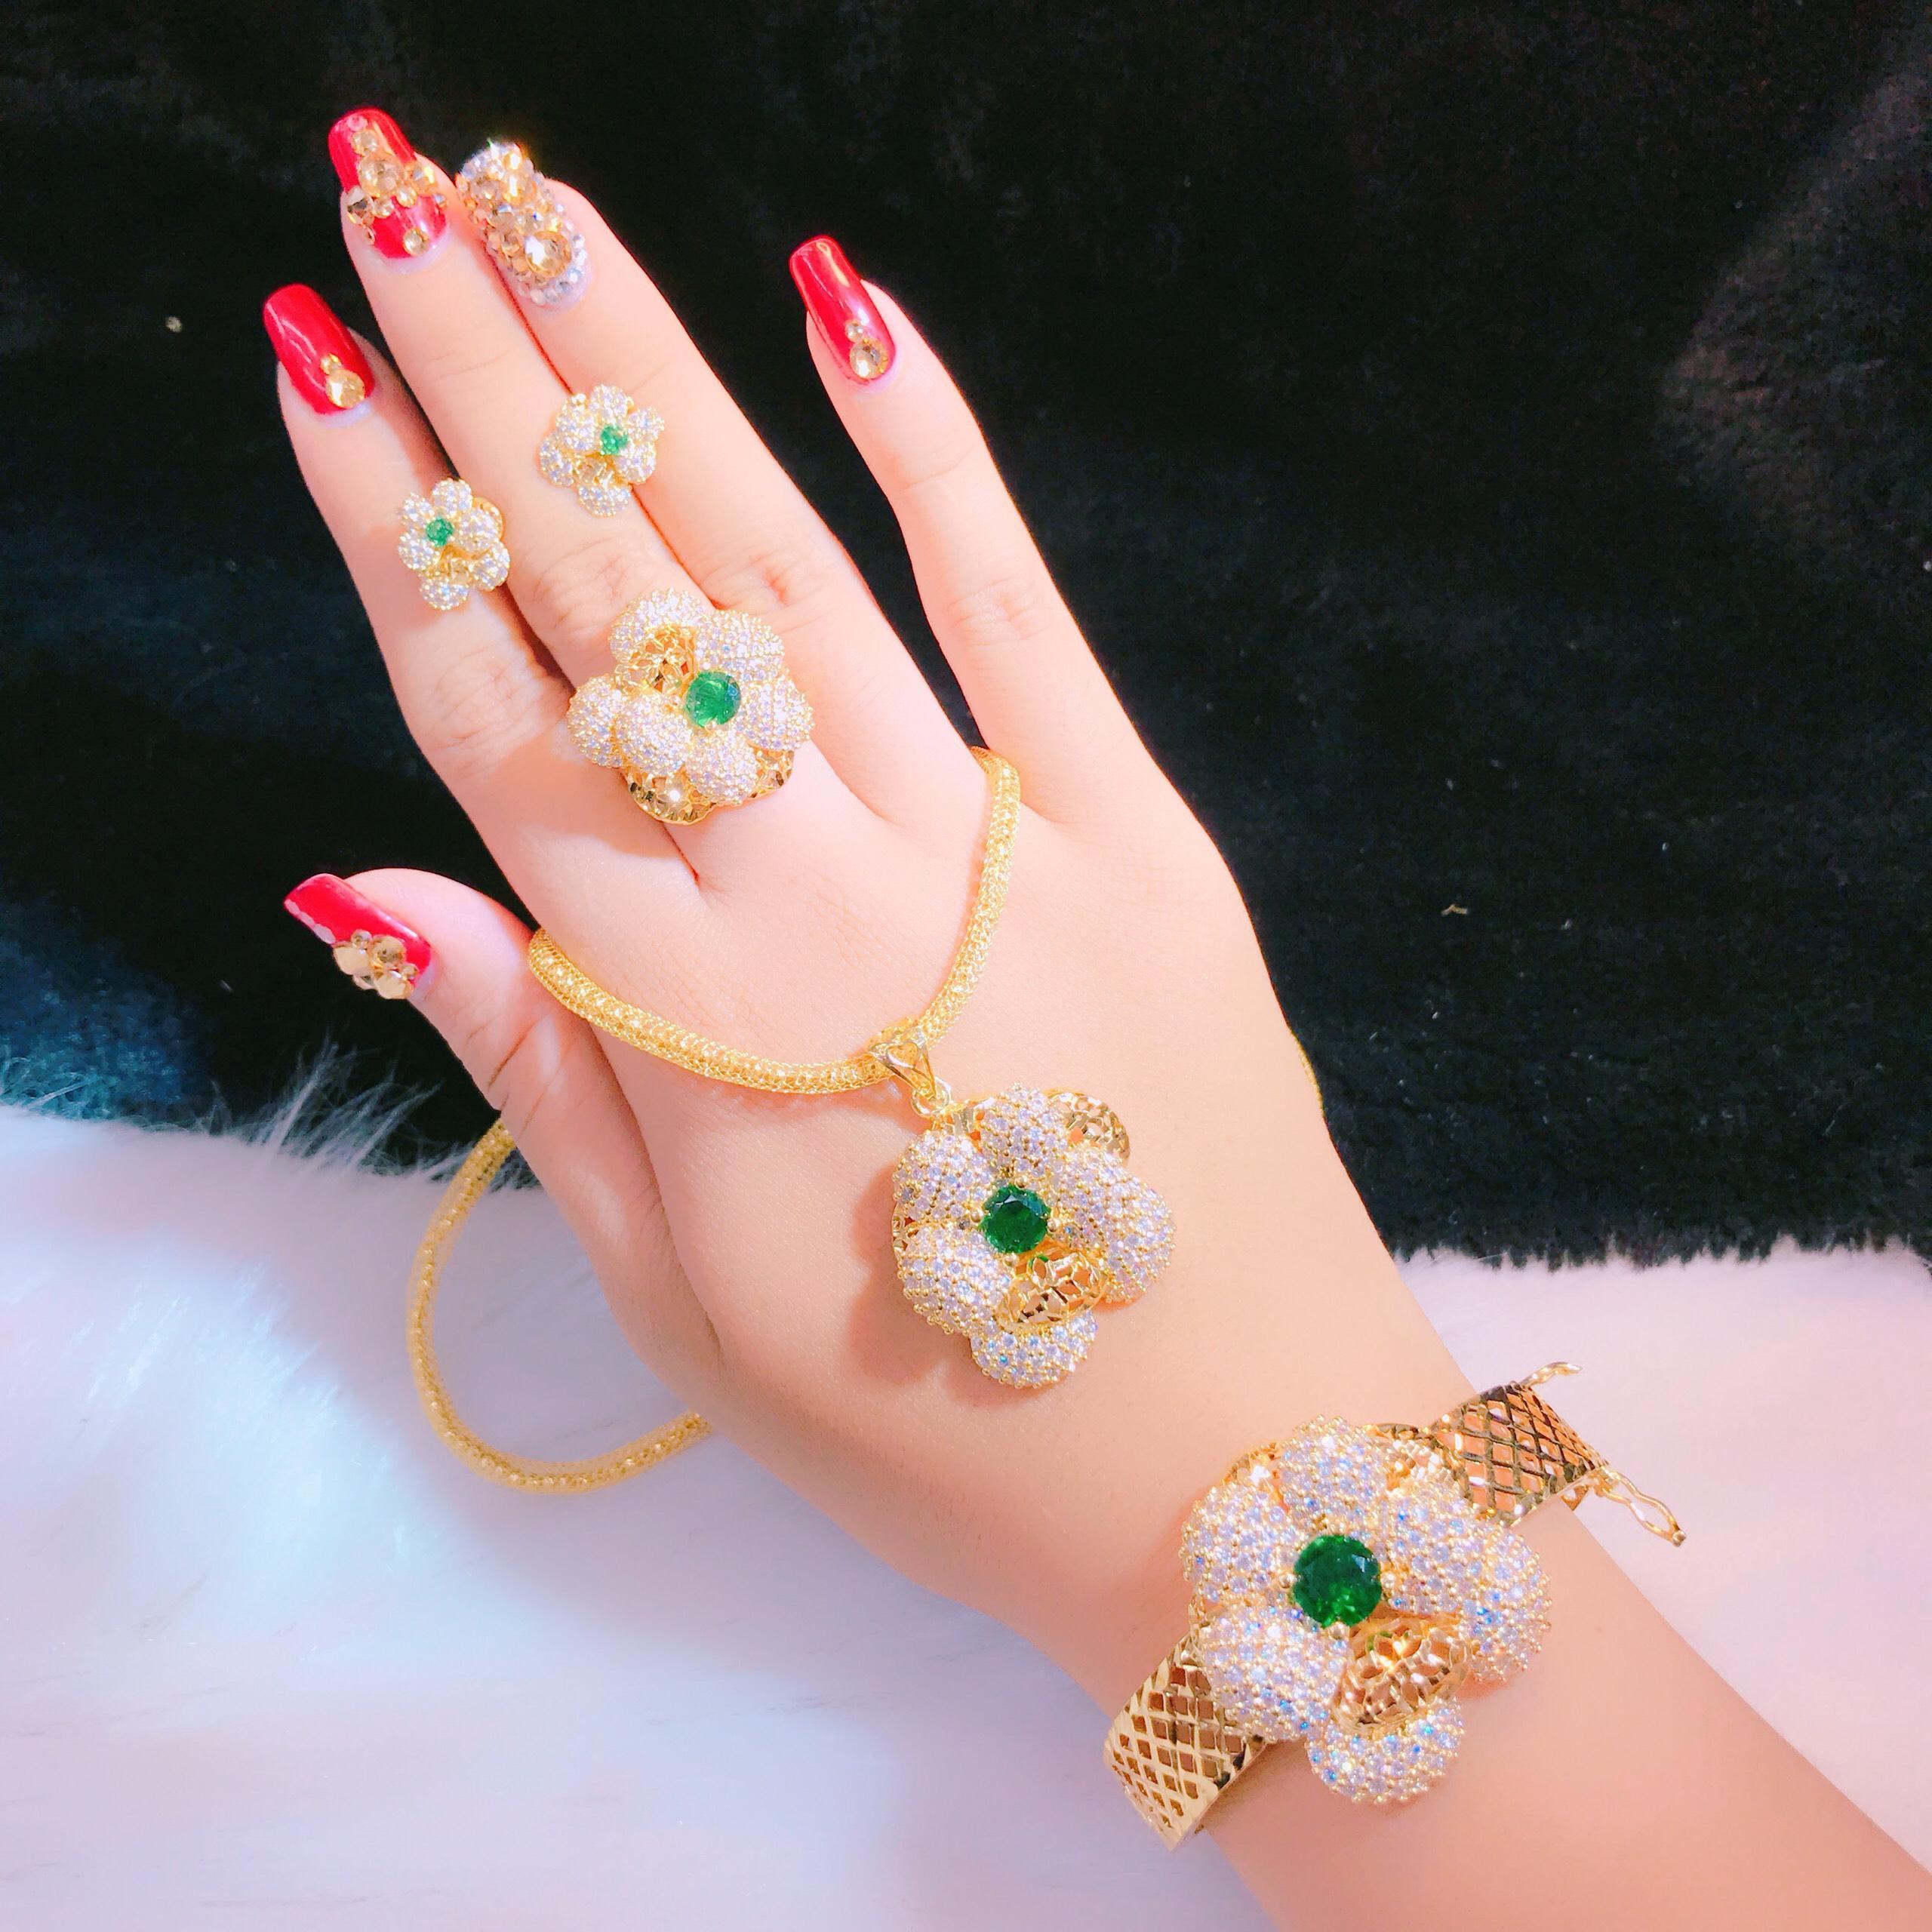 Bộ Trang Sức Hoa - Givishop - B4070727 , Bền Màu, Sáng Như Vàng Thật, Chất Liệu Bạc Thái, Không Đen, Không Ngứa - Thiết Kế Đi Tiệc,trang sức mạ vàng cao cấp, bộ trang sức vàng Givi,  mẫu vàng cưới 24k, mua trang sức vàng, giá bộ vàng cưới 24